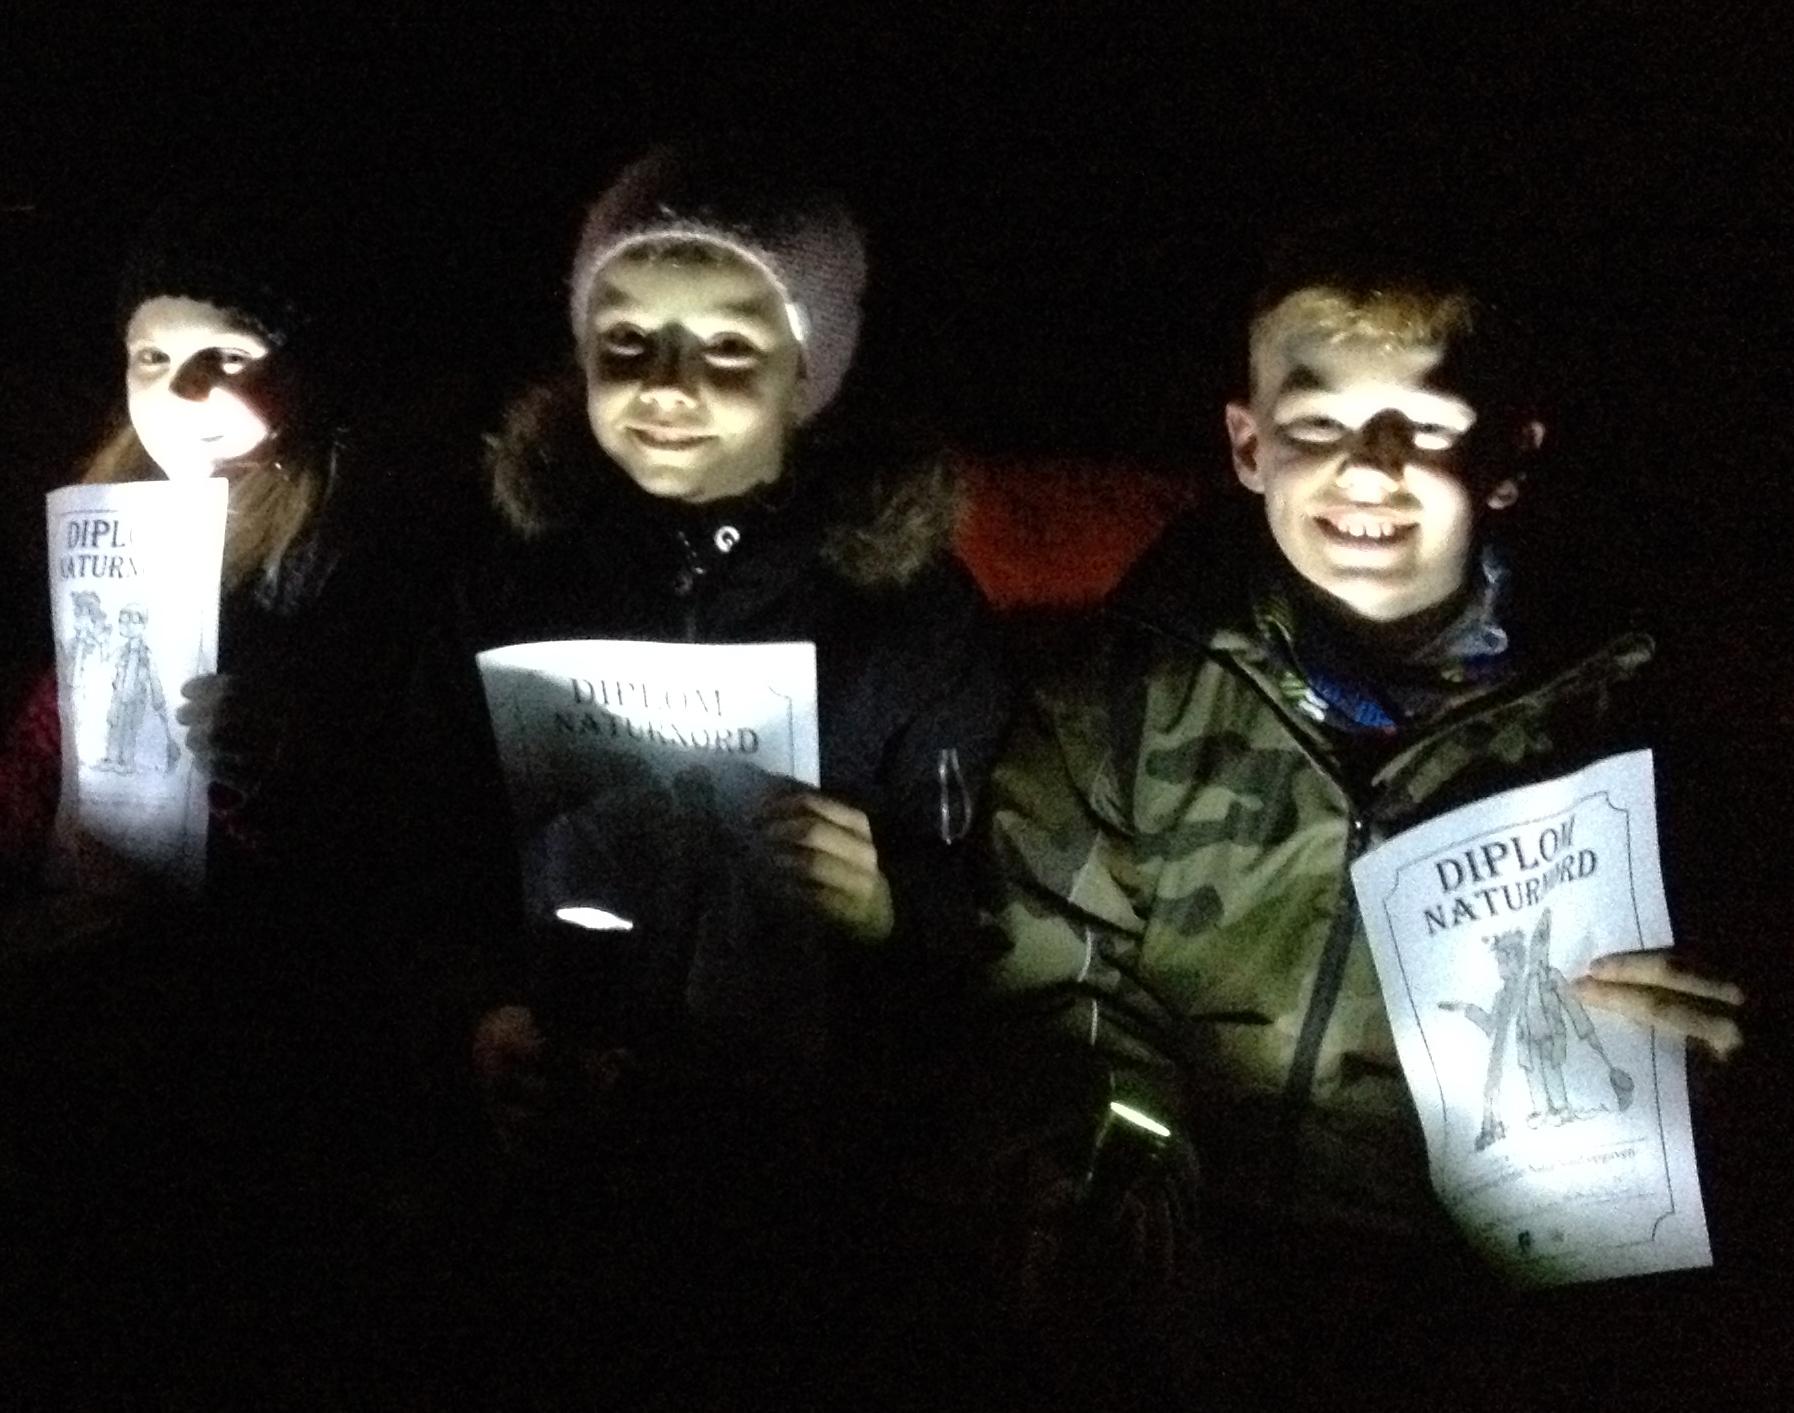 Børn i skoven lyser med lommelygter og viser deres Naturnørd diplom